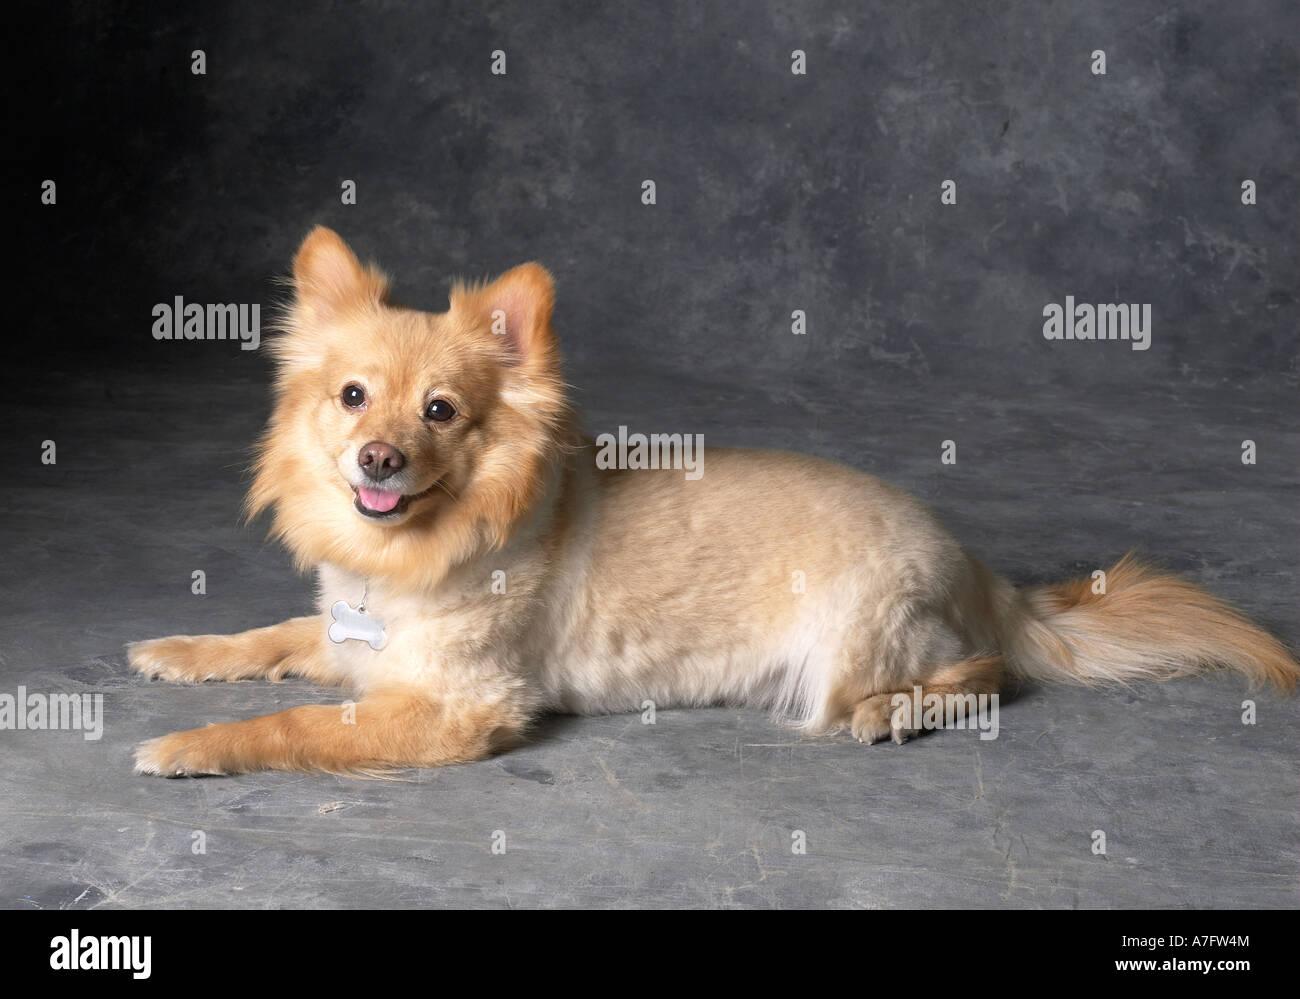 Pomeranian Dog horizontal - Stock Image